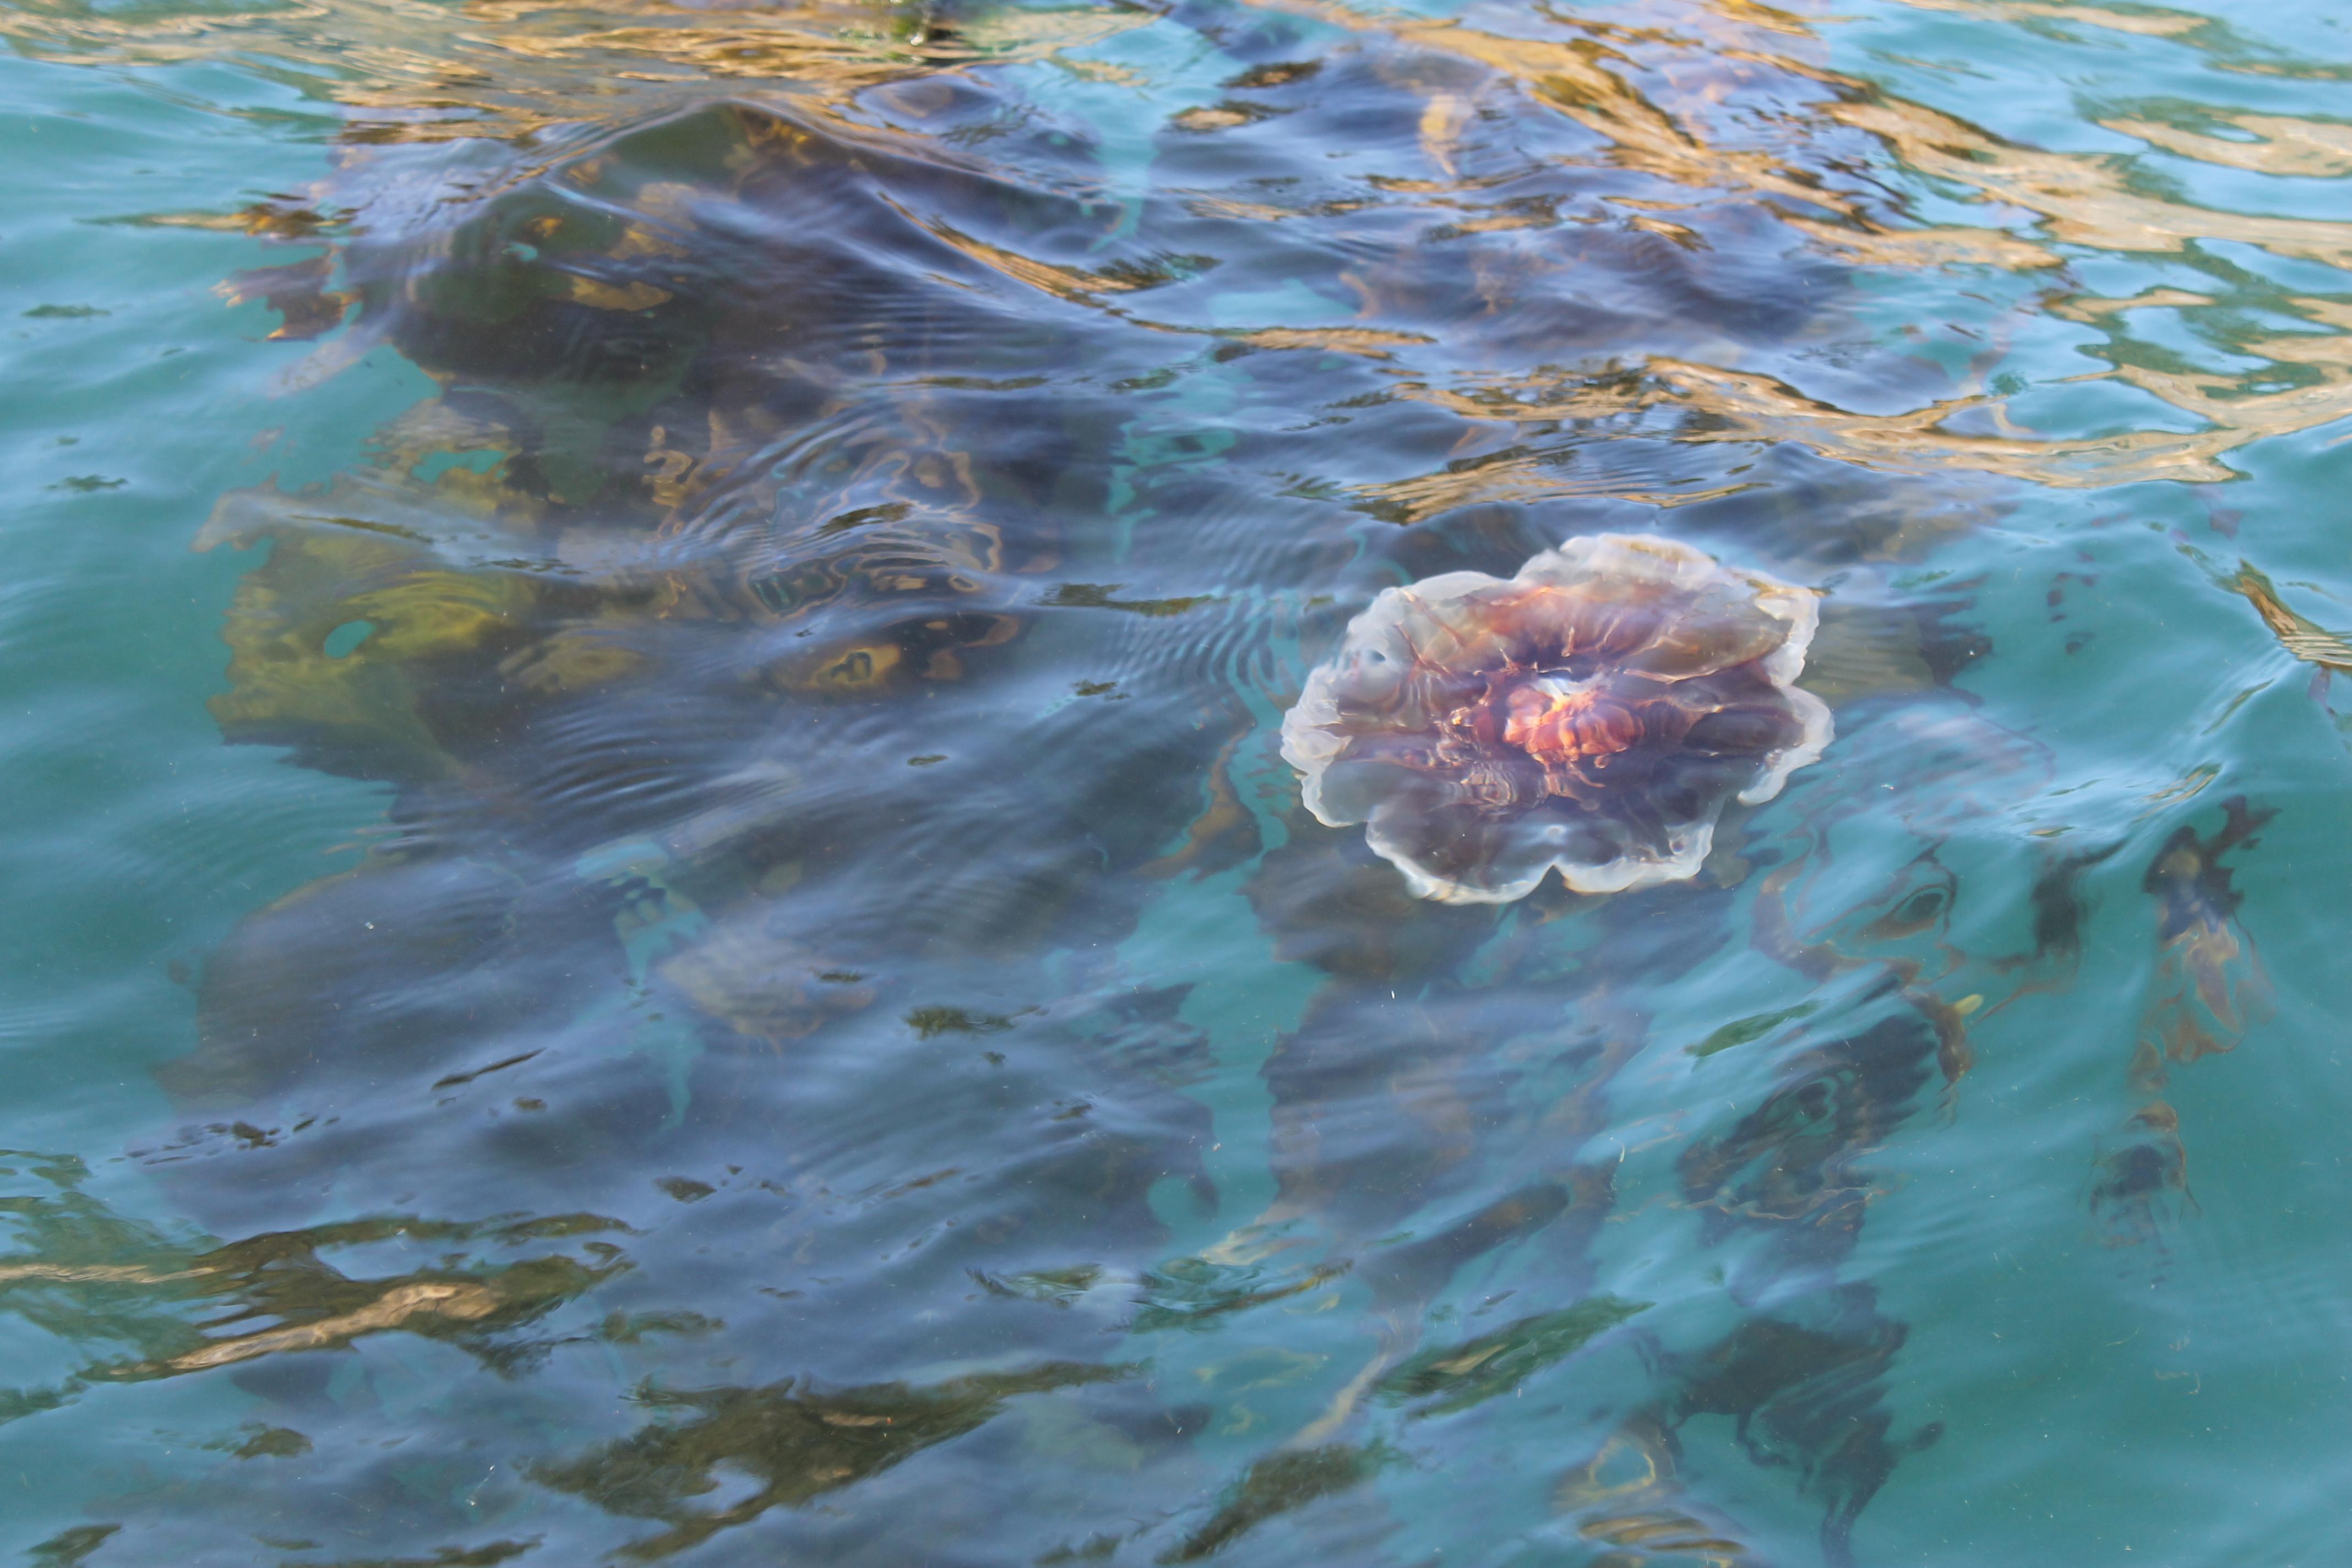 Cyanea capillata | Pearson College Marine Science